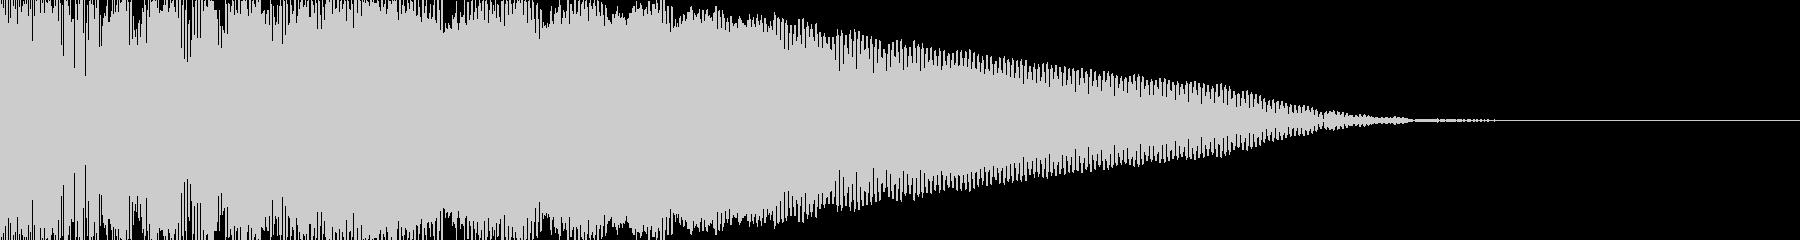 ドーン/ブーン/映画風/インパクトの未再生の波形